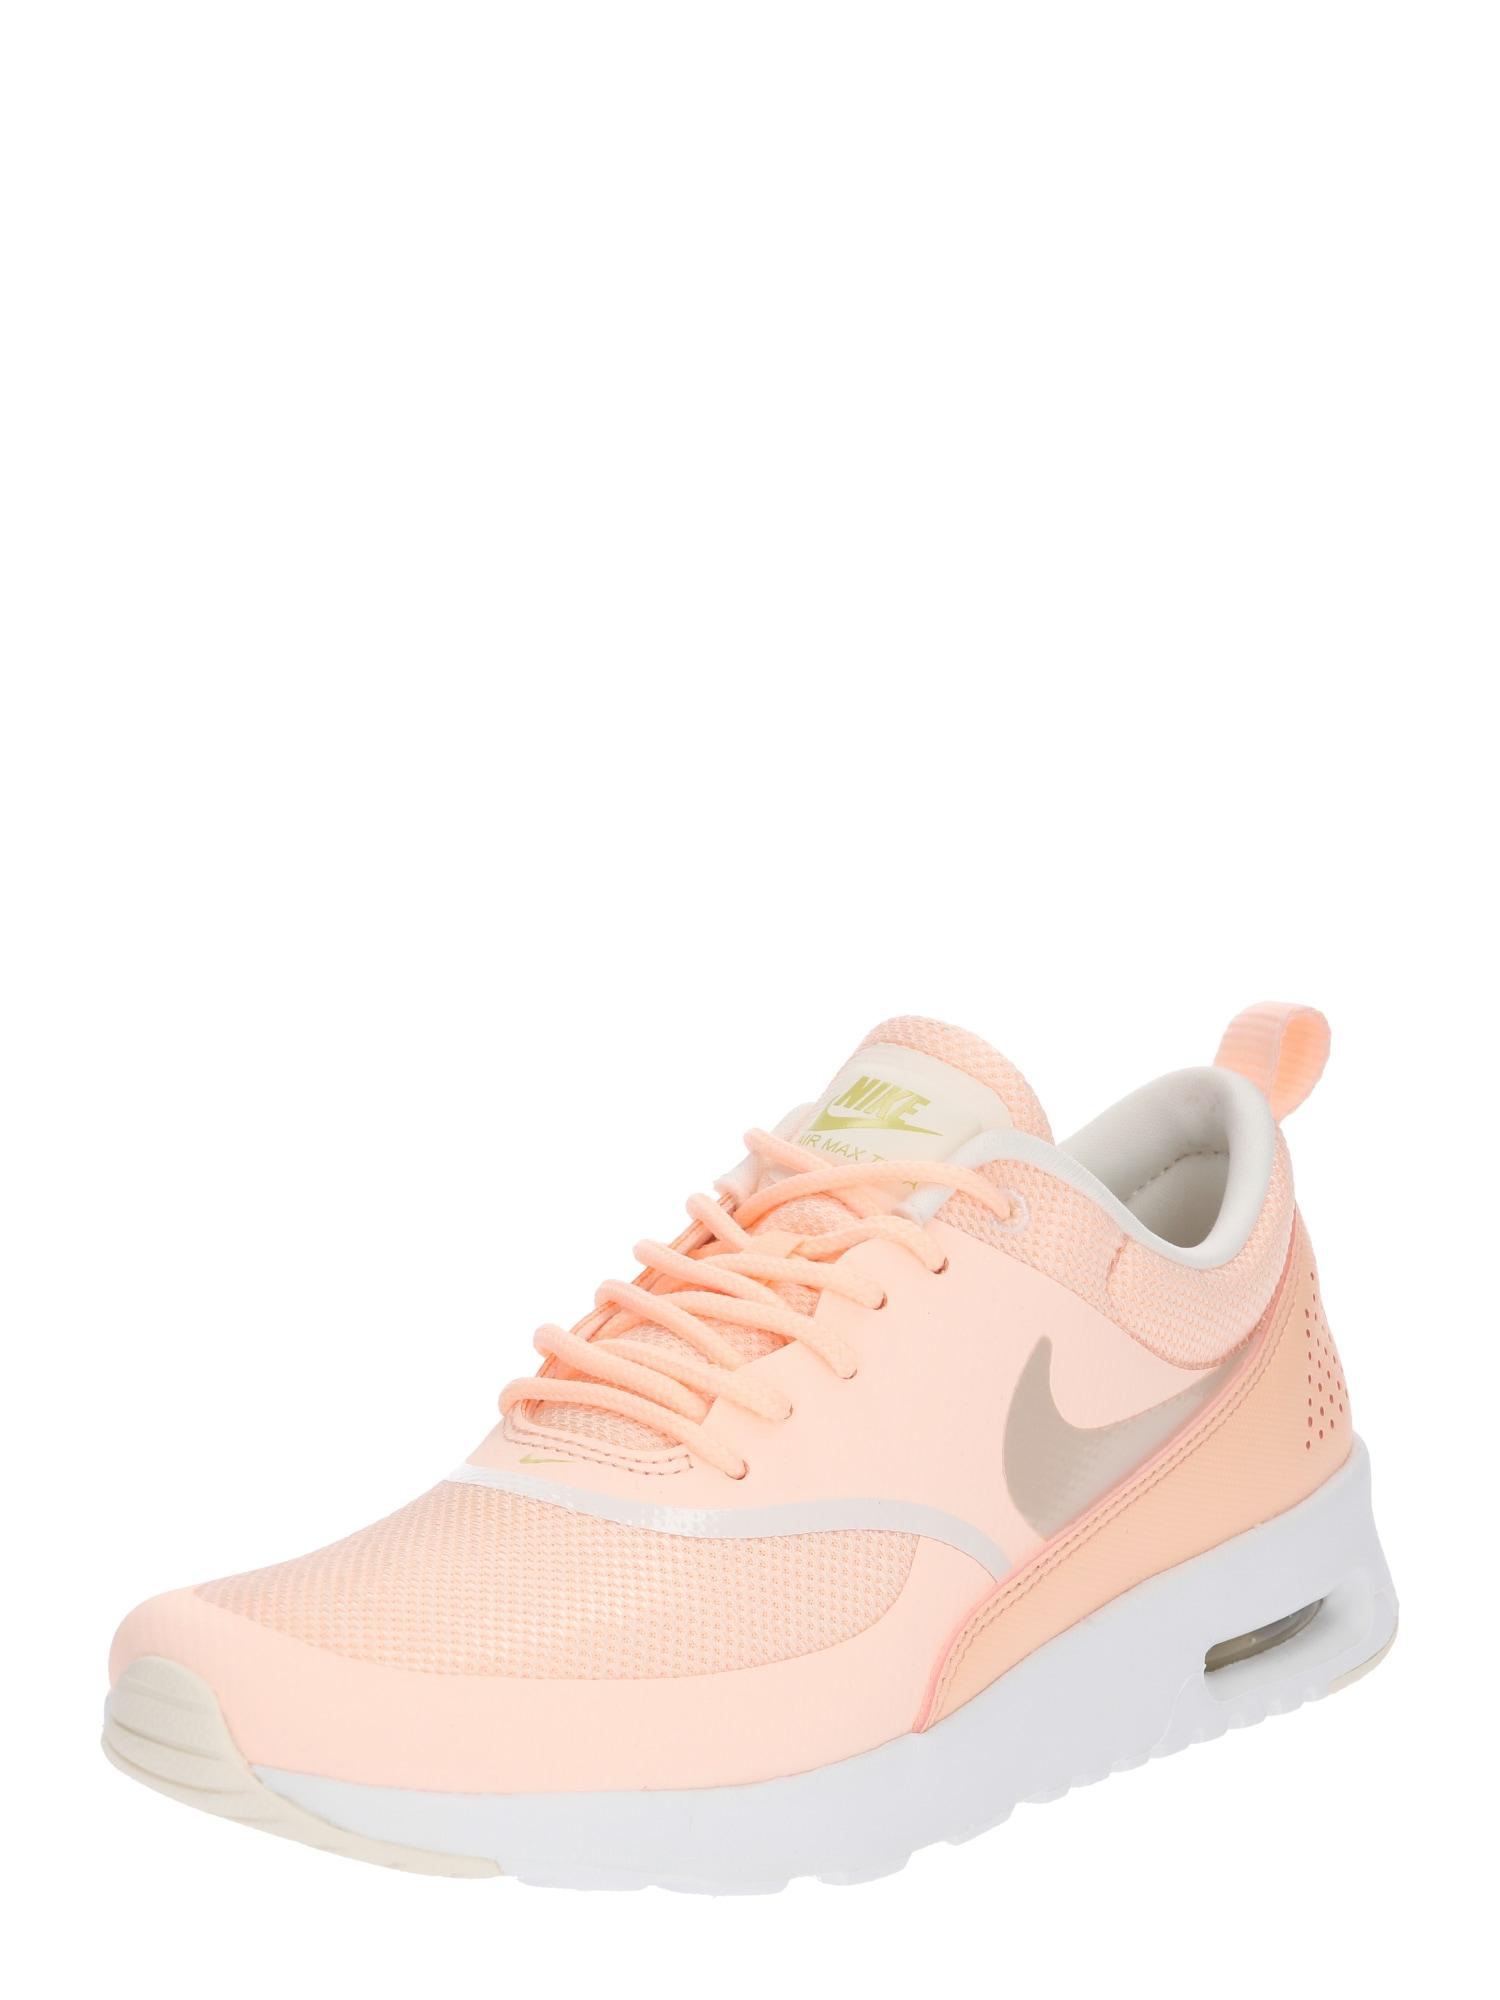 Tenisky Air Max Thea broskvová Nike Sportswear